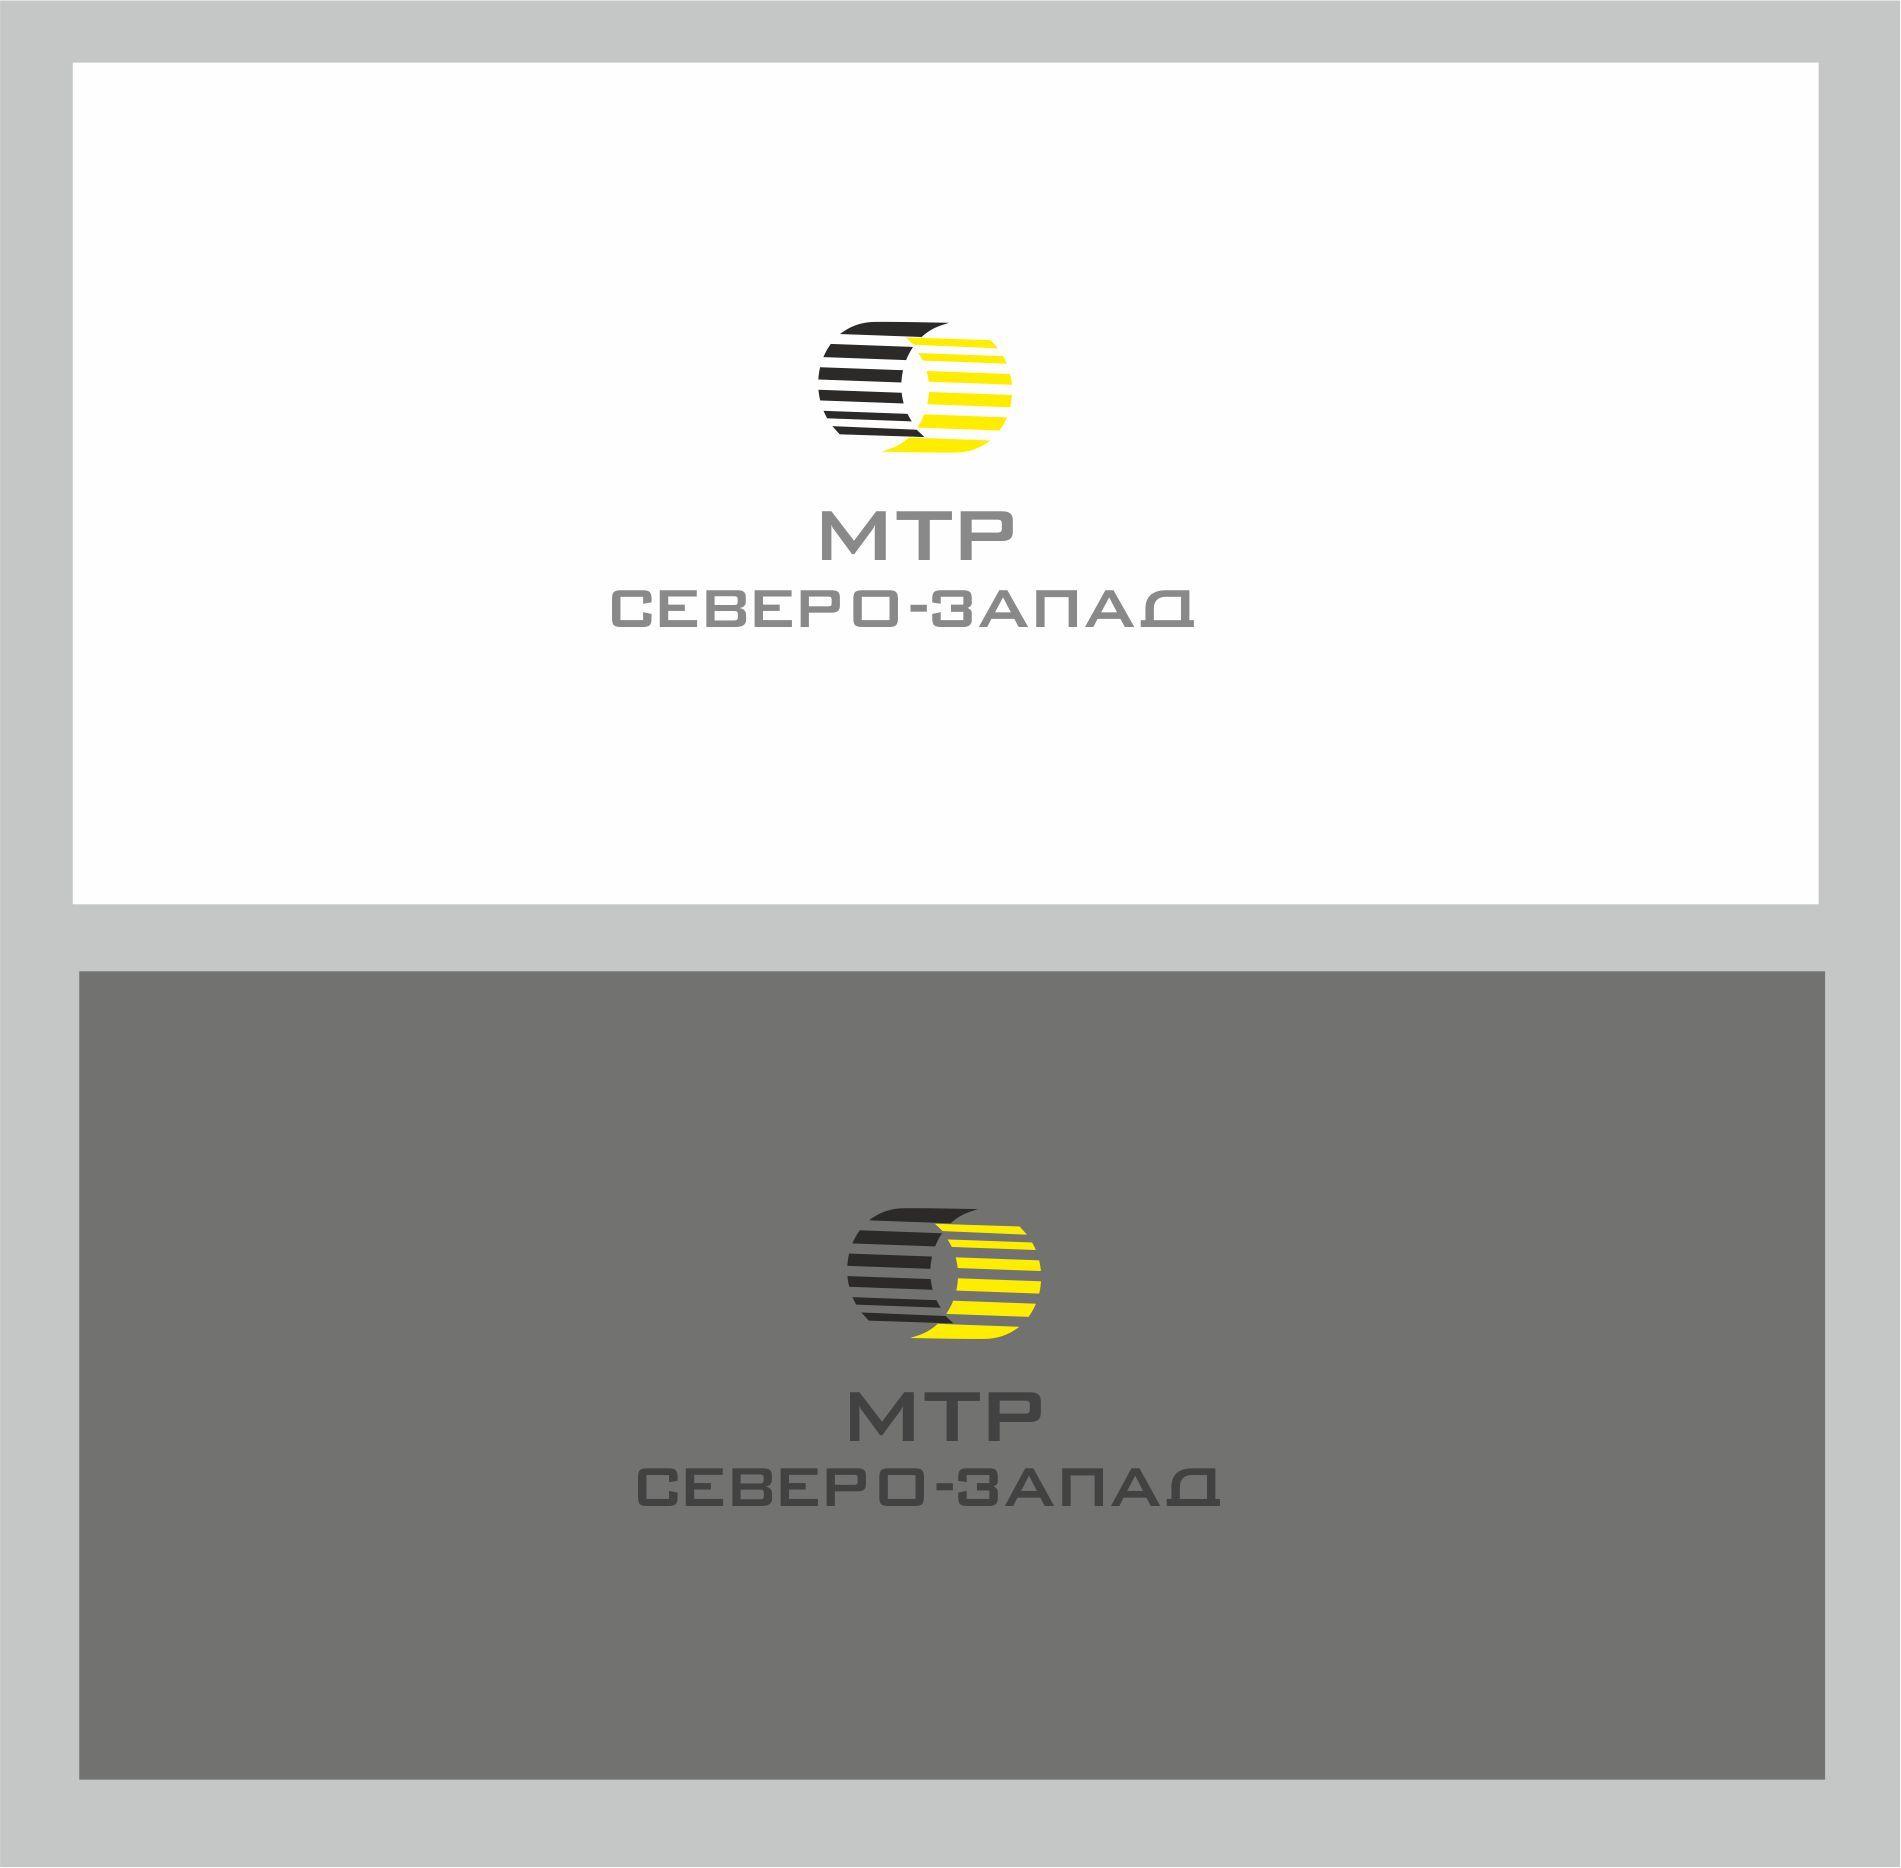 Редизайн лого (производство и продажа мототехники) - дизайнер dbyjuhfl